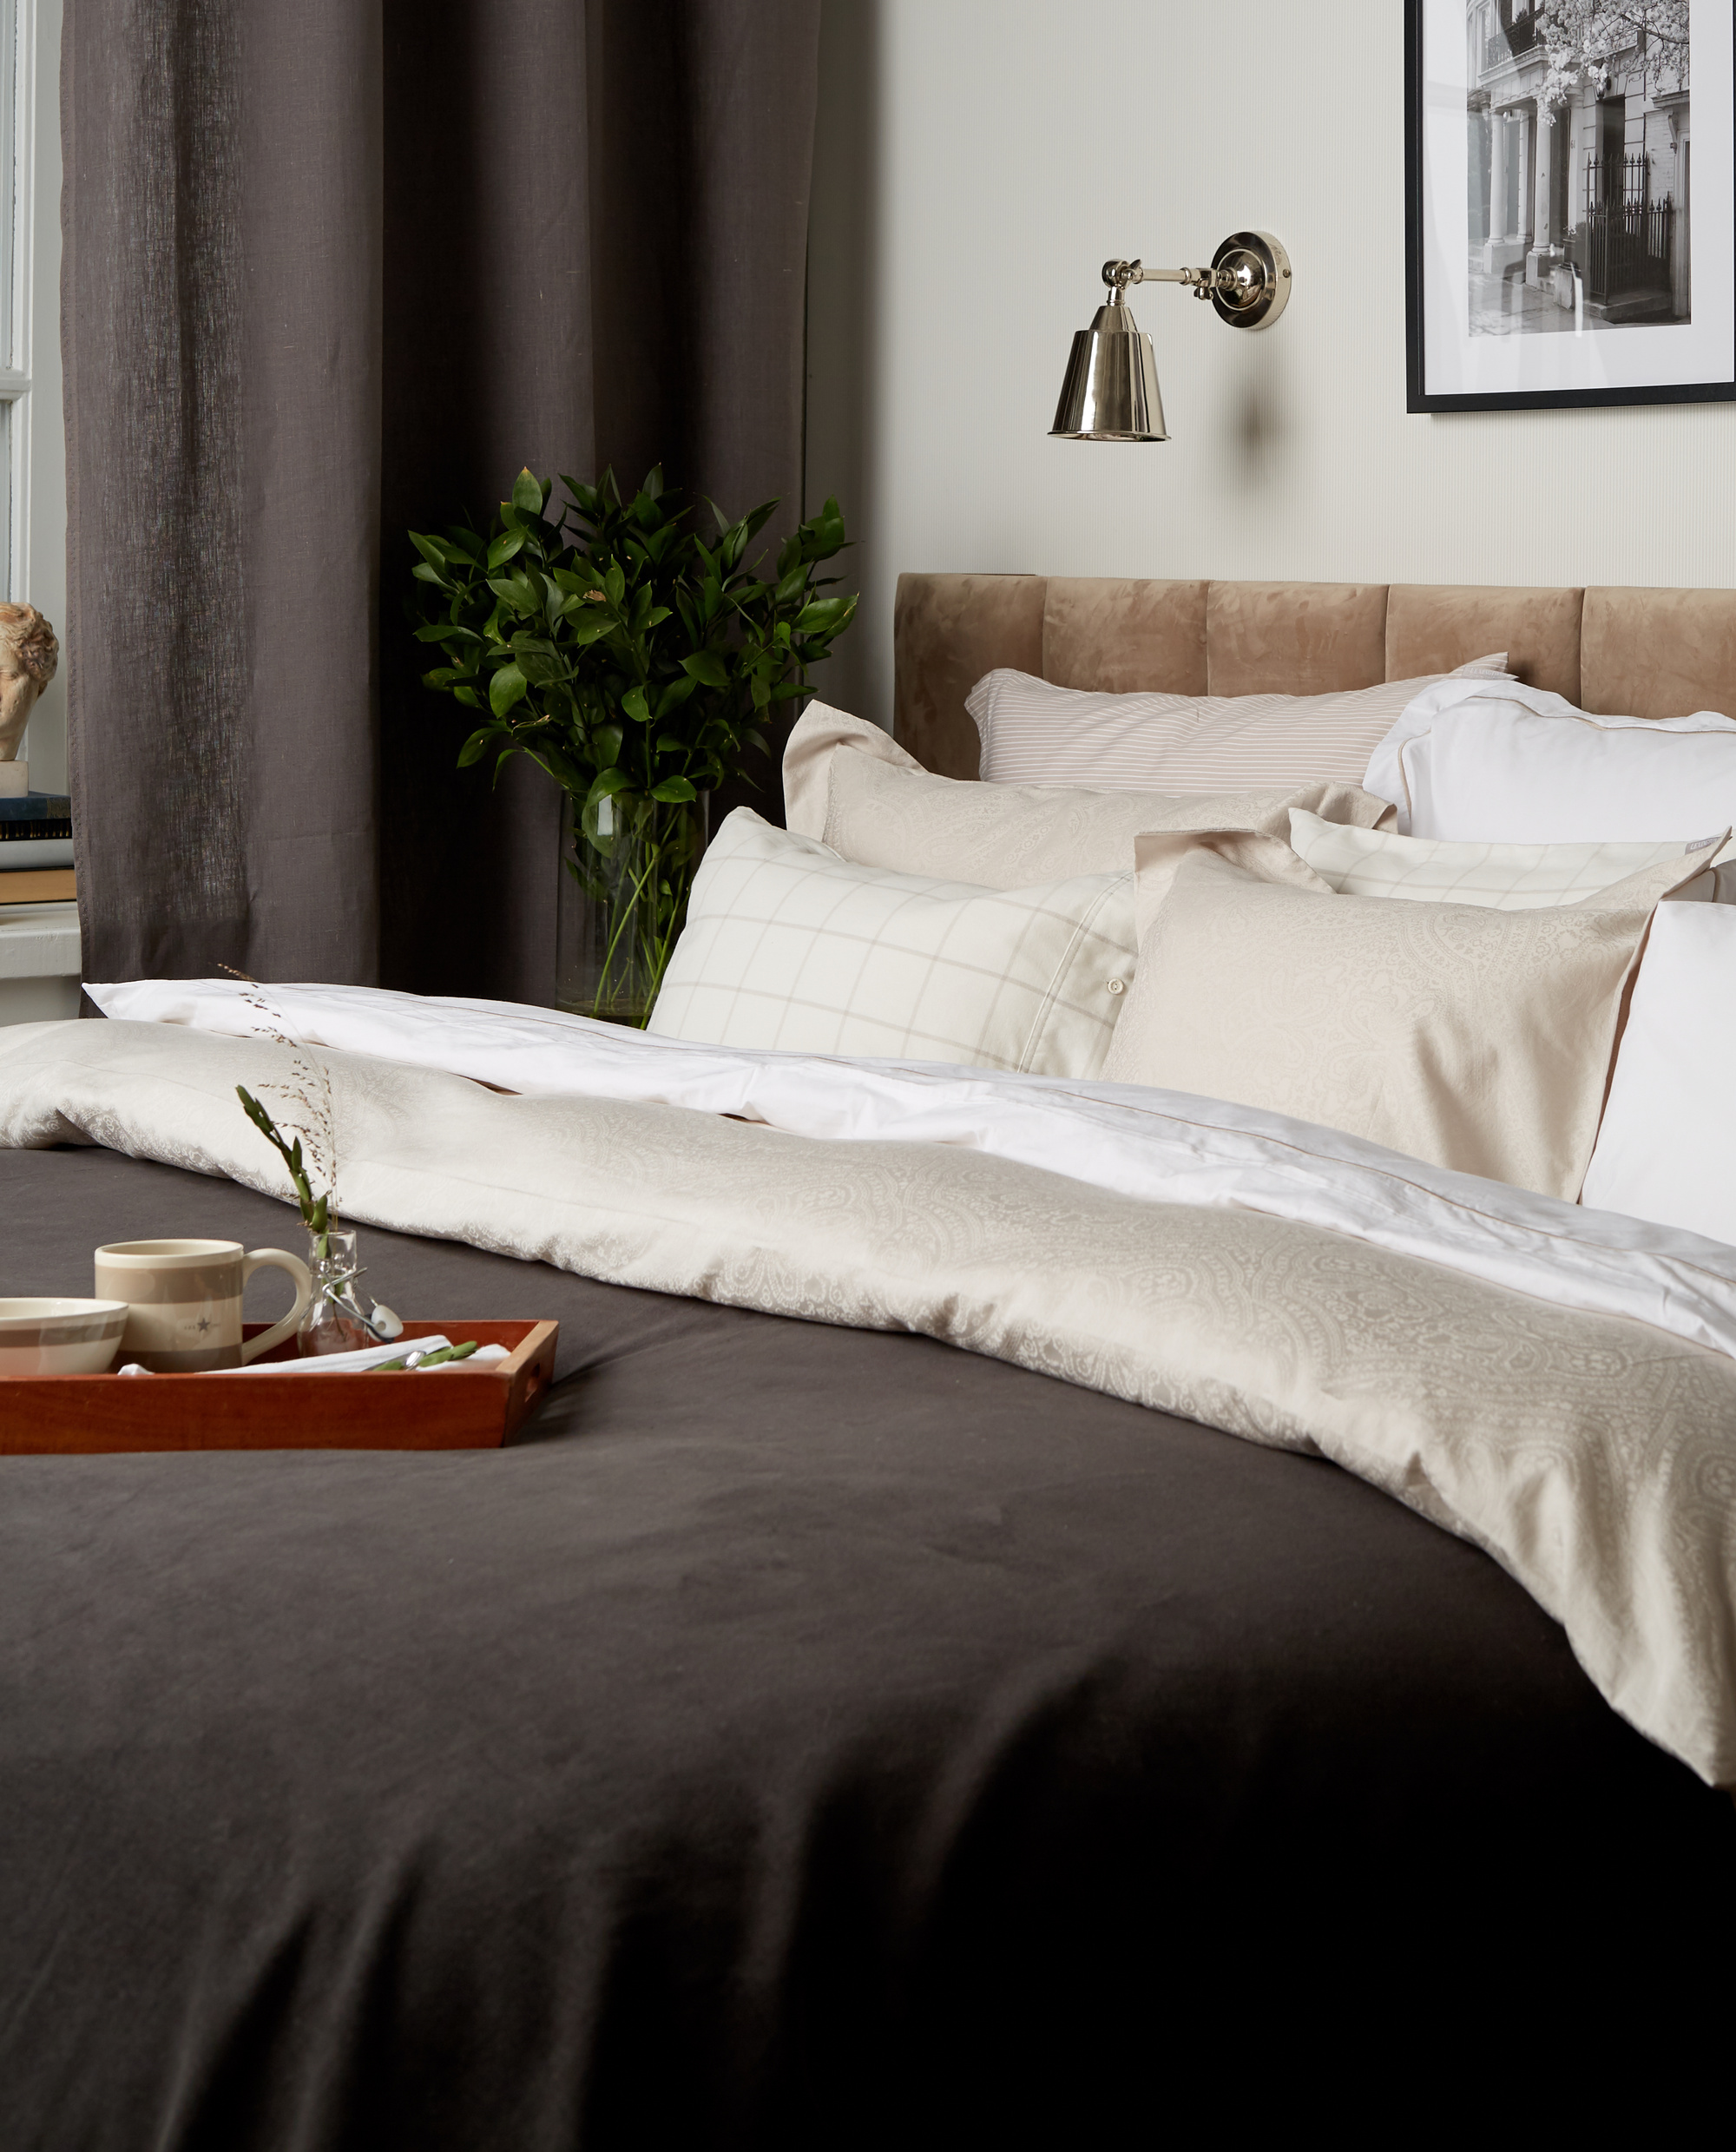 Hotel Velvet Bedspread Dk. Gray